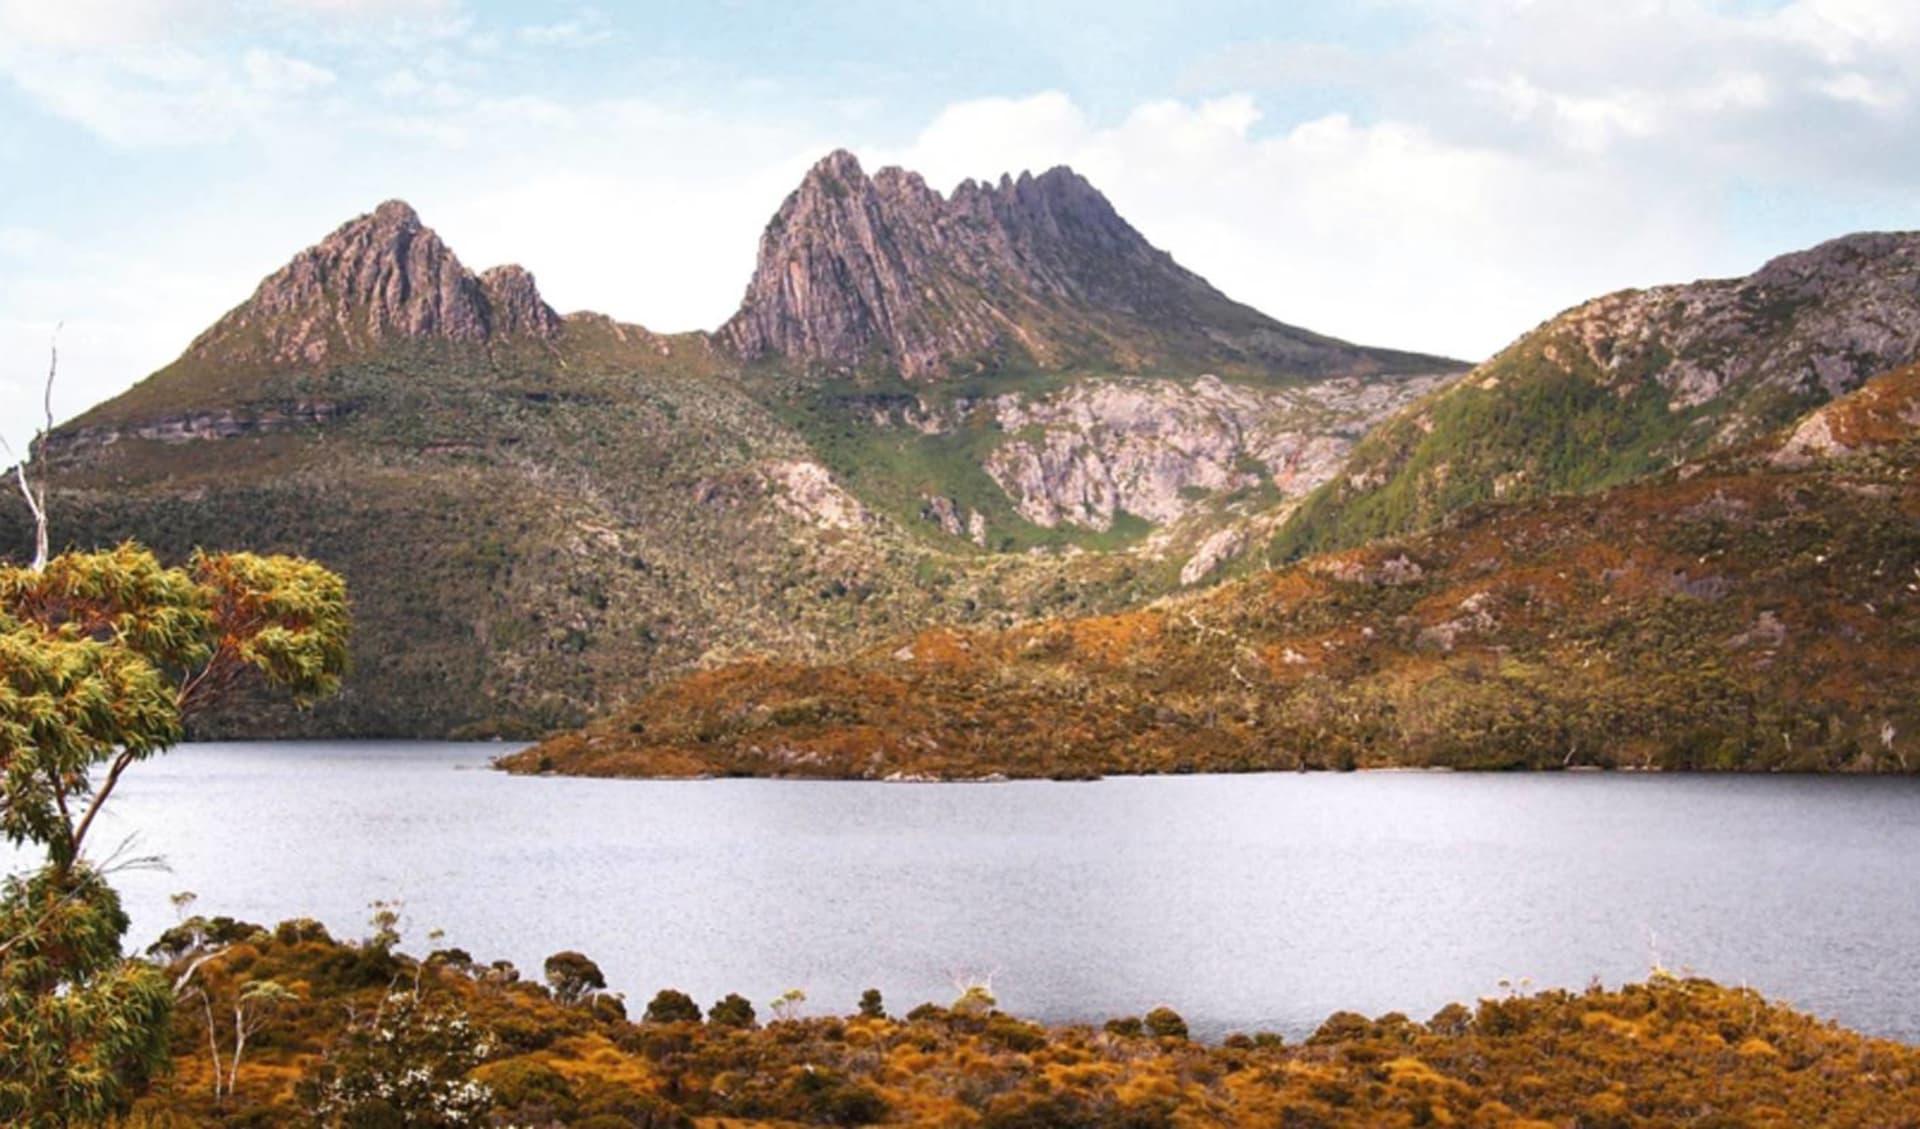 Tasmanian Wonderland ab Hobart: Australia - Tasmania - Cradle Mountain NP - Bergsee